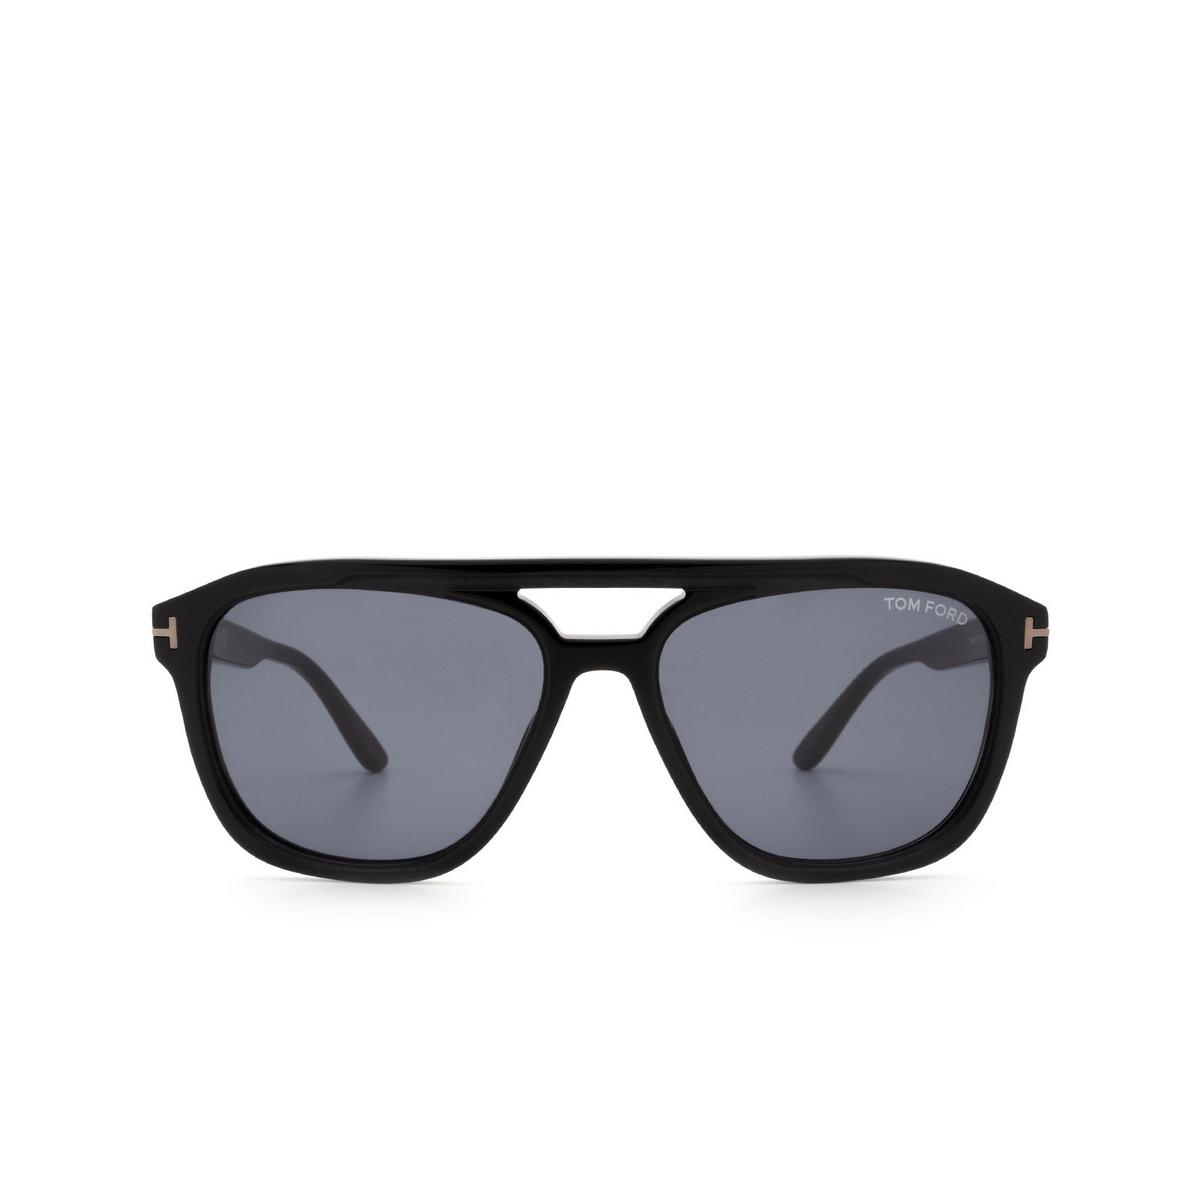 Tom Ford® Aviator Sunglasses: Gerrard FT0776-N color Shiny Black 01A.